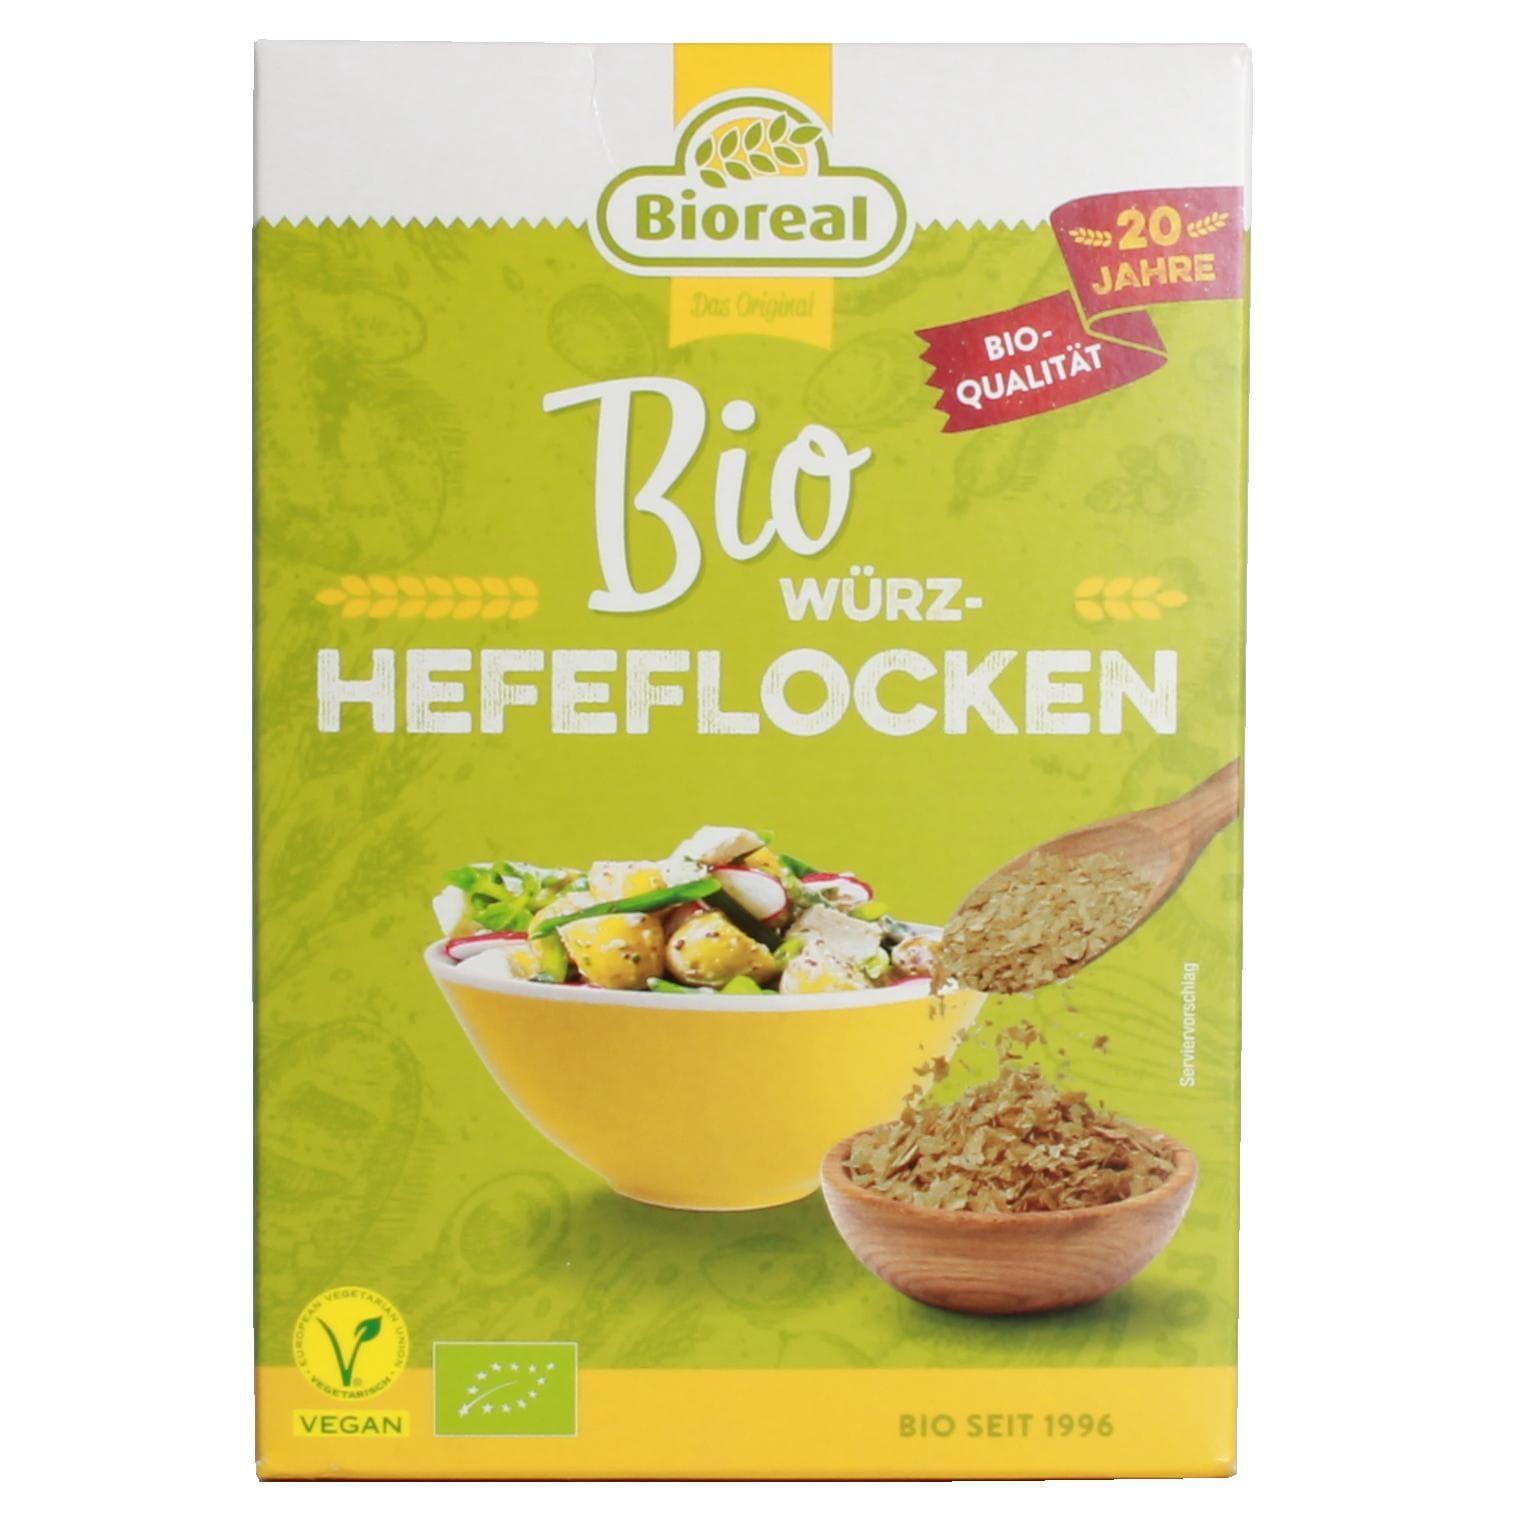 Bioreal Bio Würzhefeflocken 100g